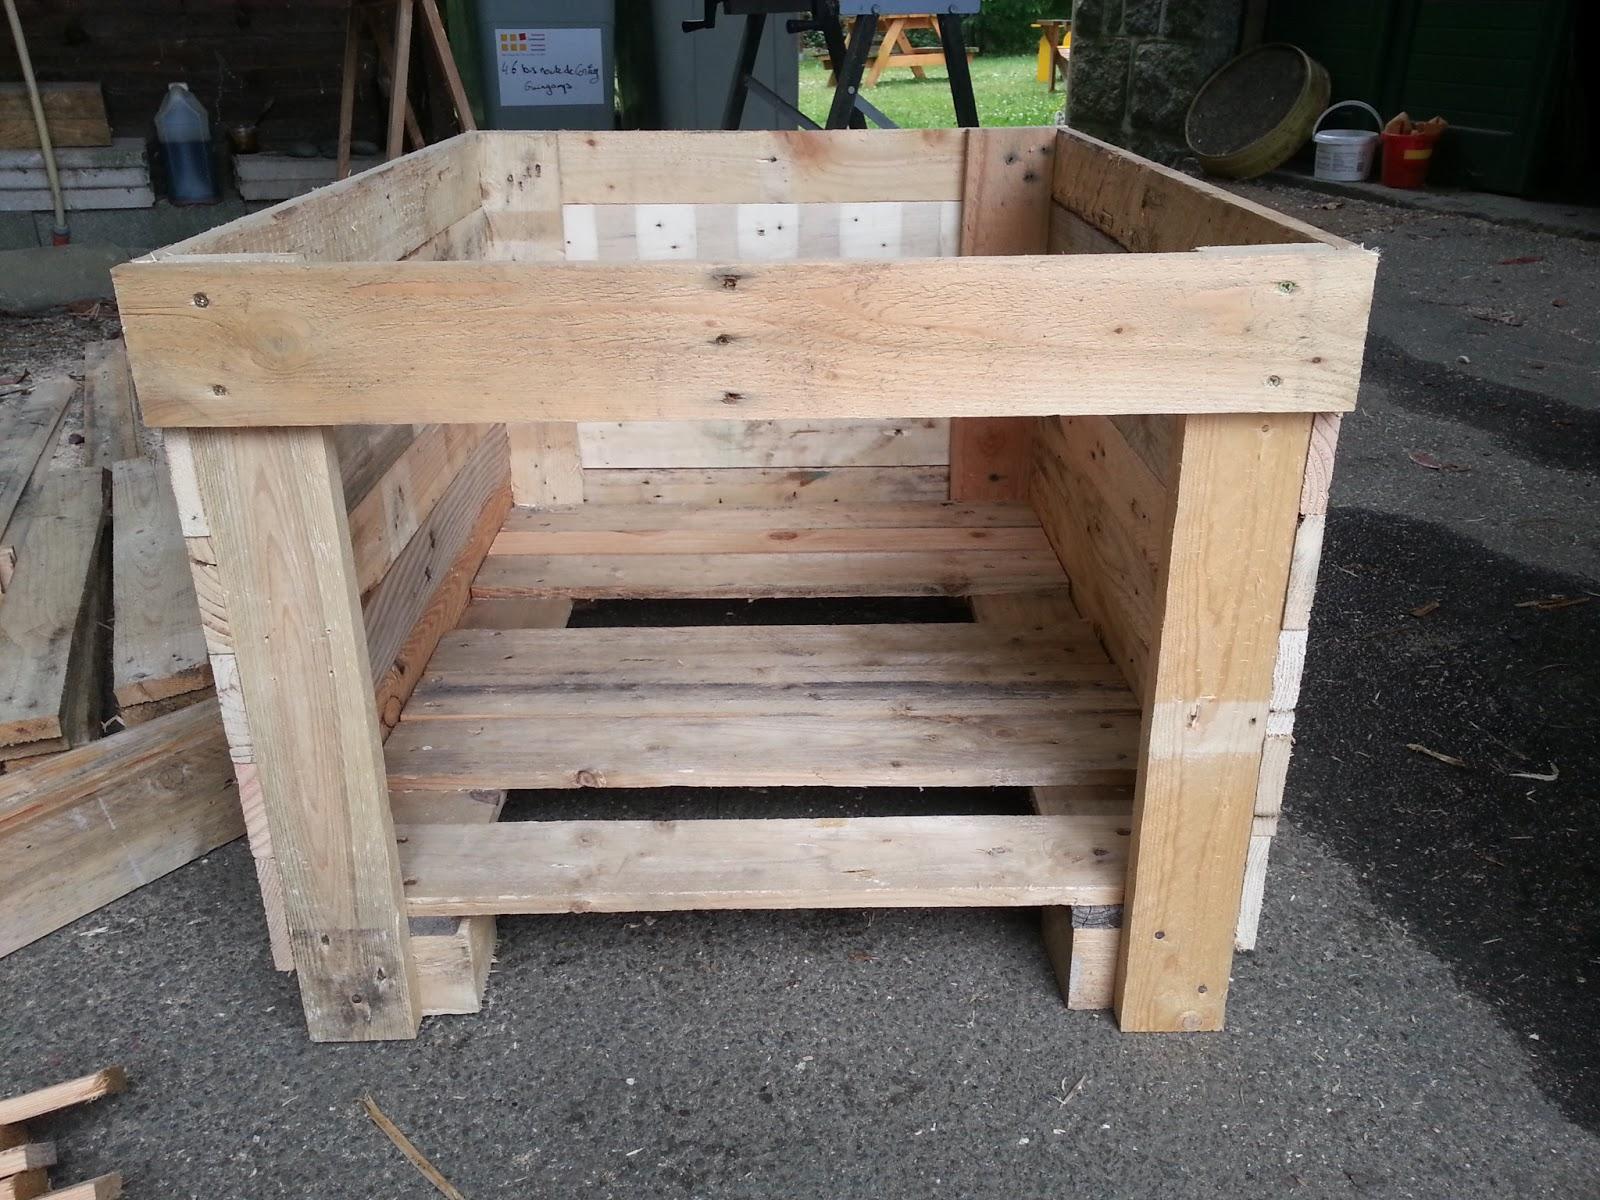 Ludo la bricole niche en bois de palettes - Construire une serre avec des palettes ...